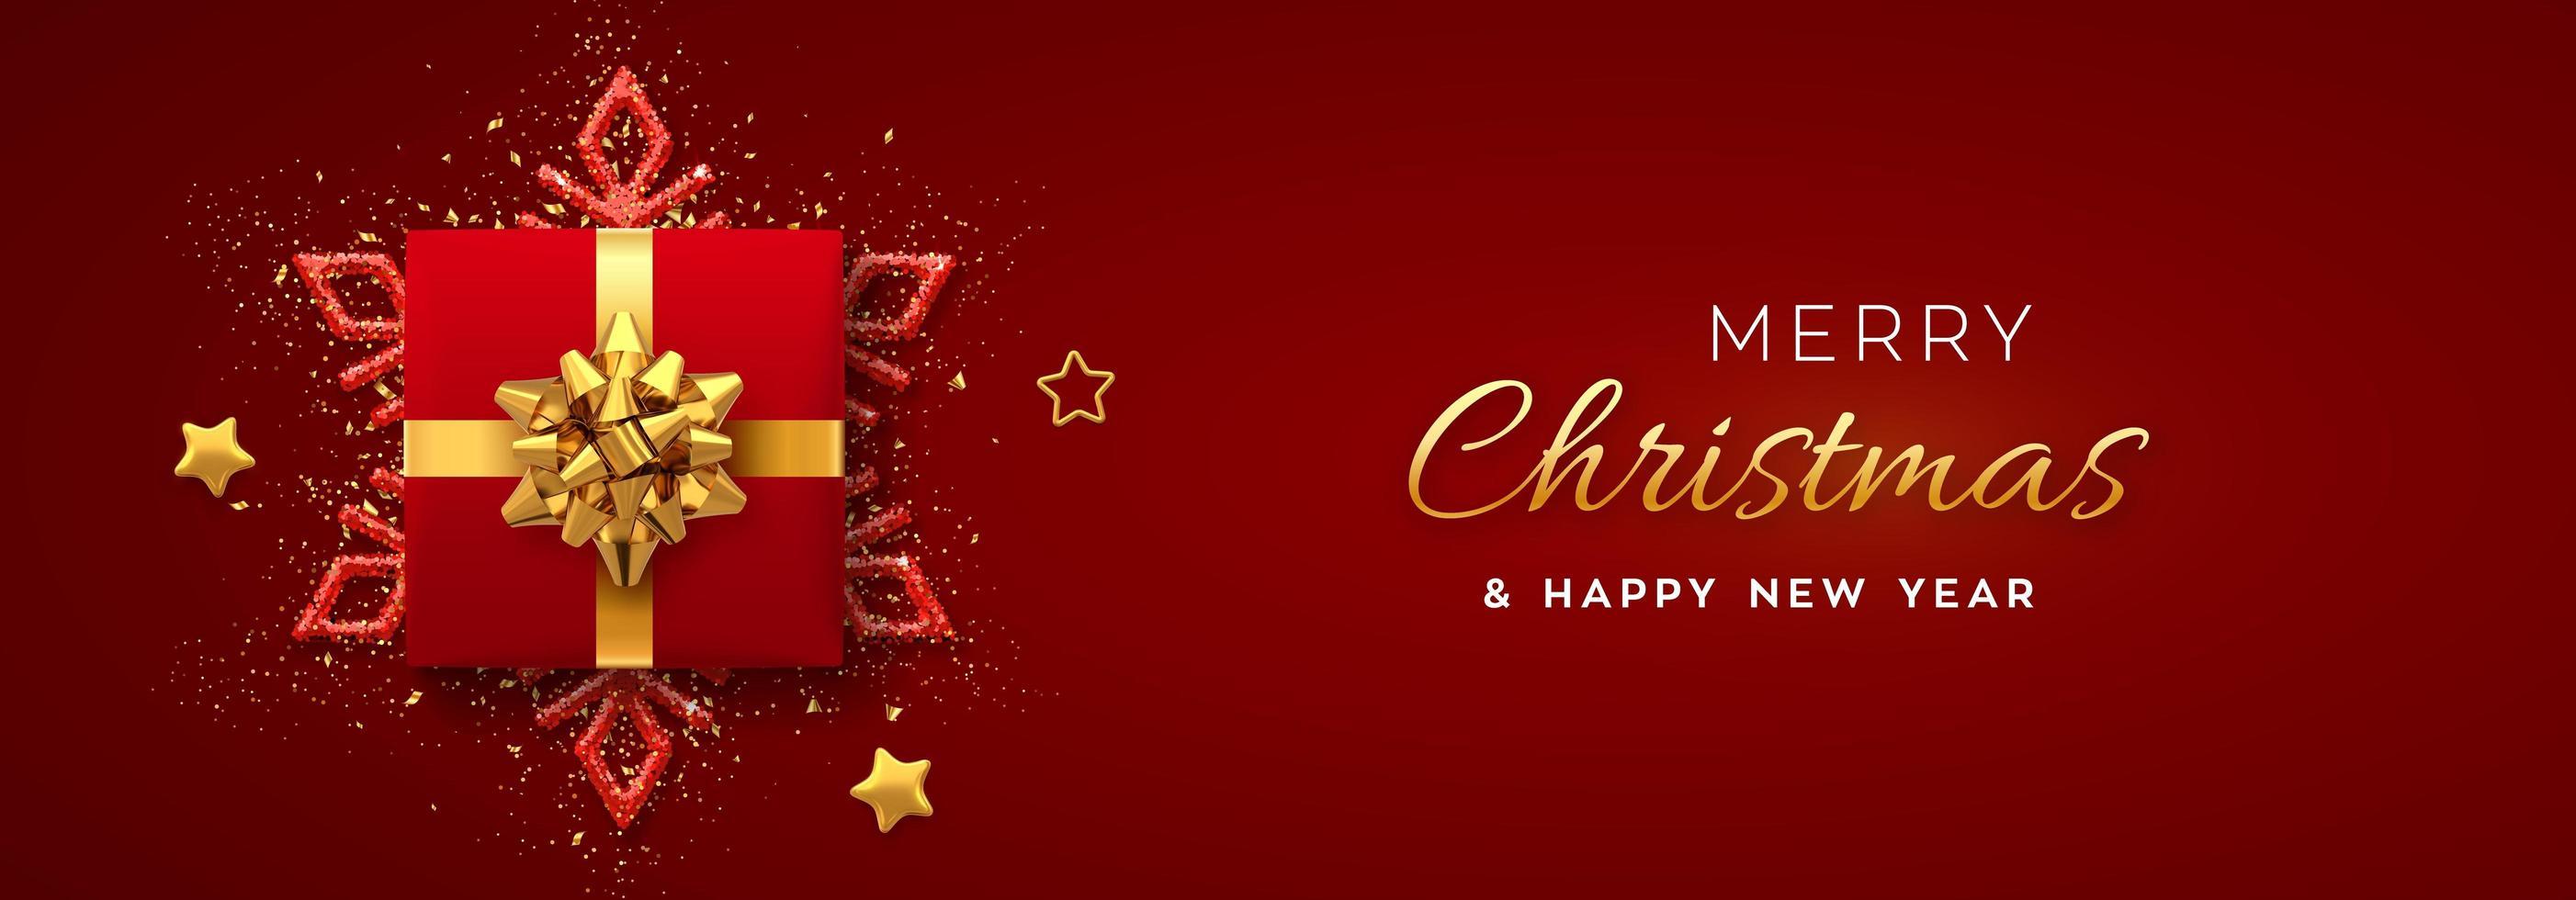 Weihnachtsbanner. rote Geschenkbox mit goldener Schleife vektor